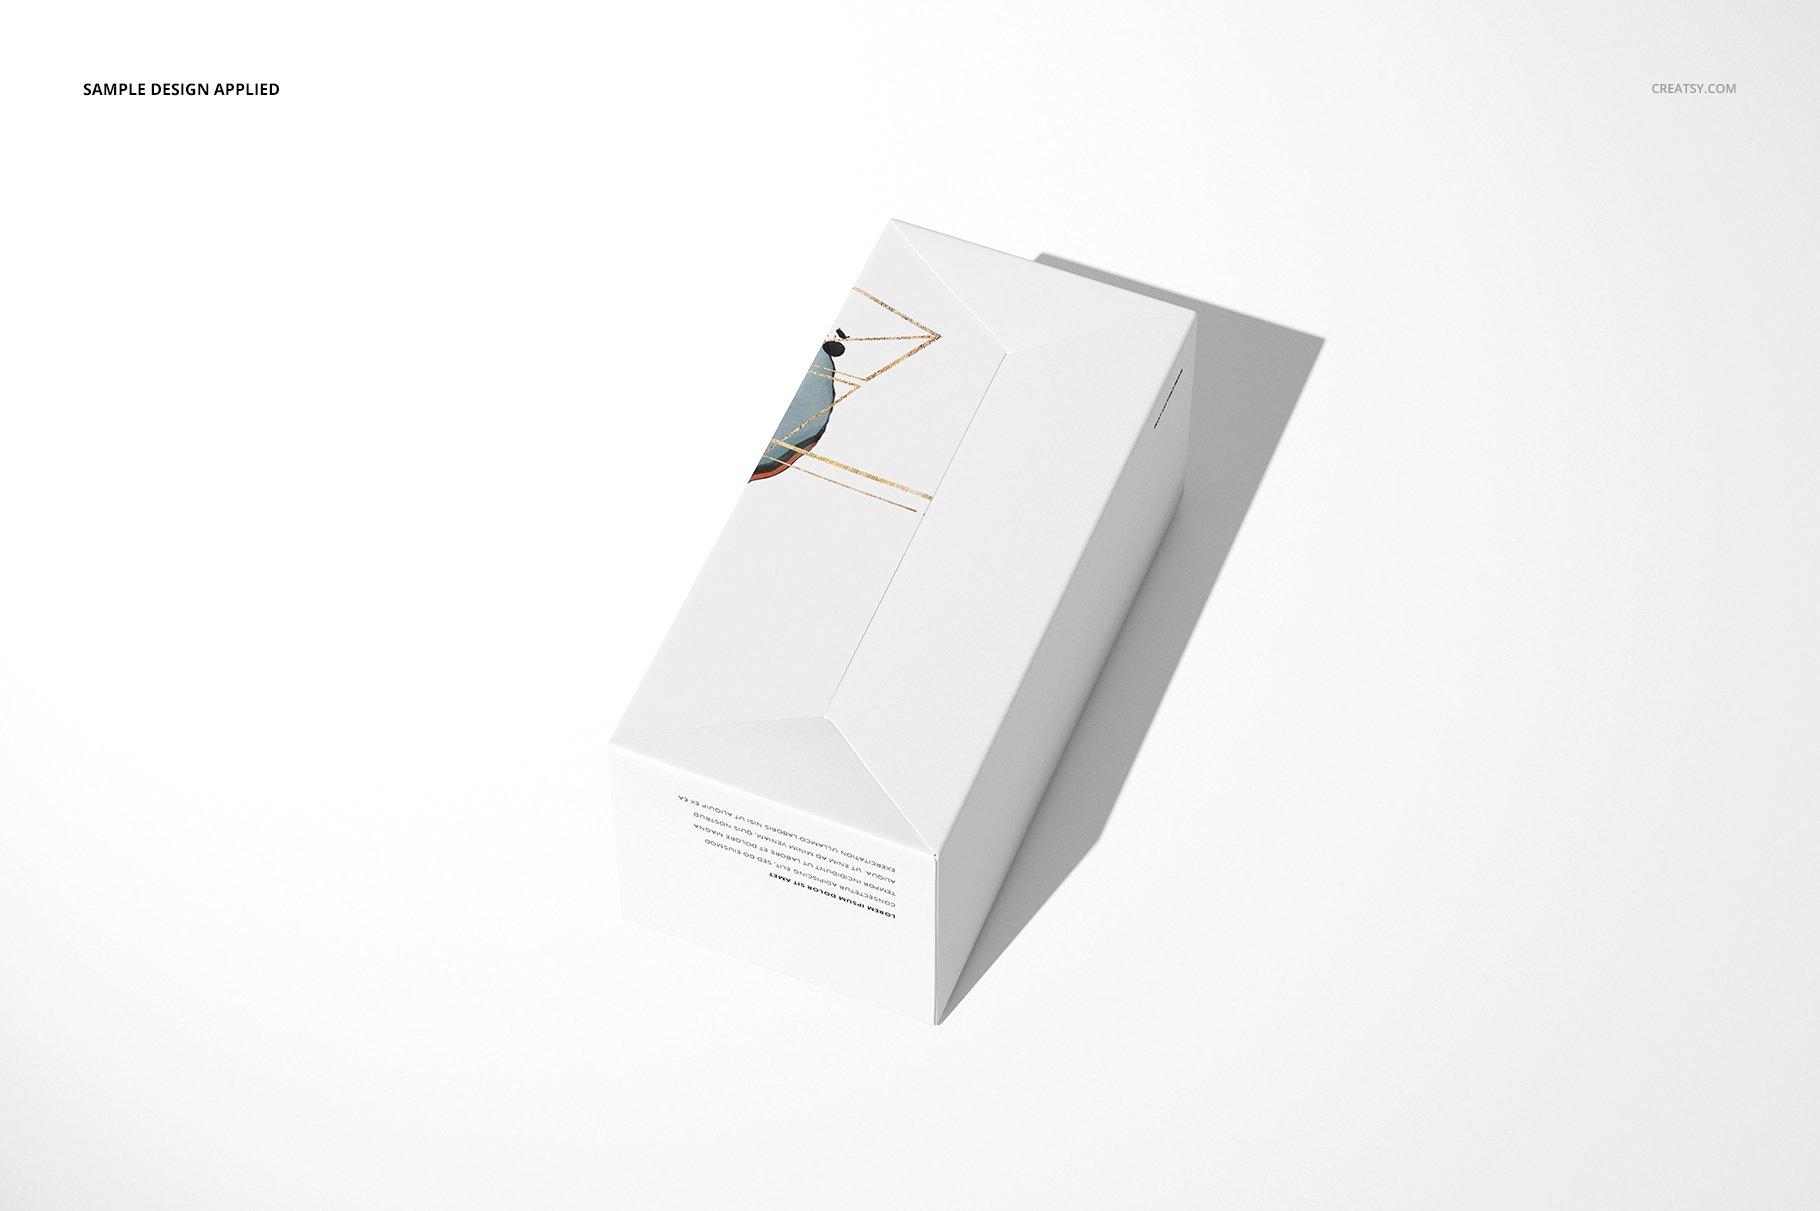 长矩形产品包装卡扣锁底纸盒样机集 Snap Lock Bottom Box Mockup Set插图(6)